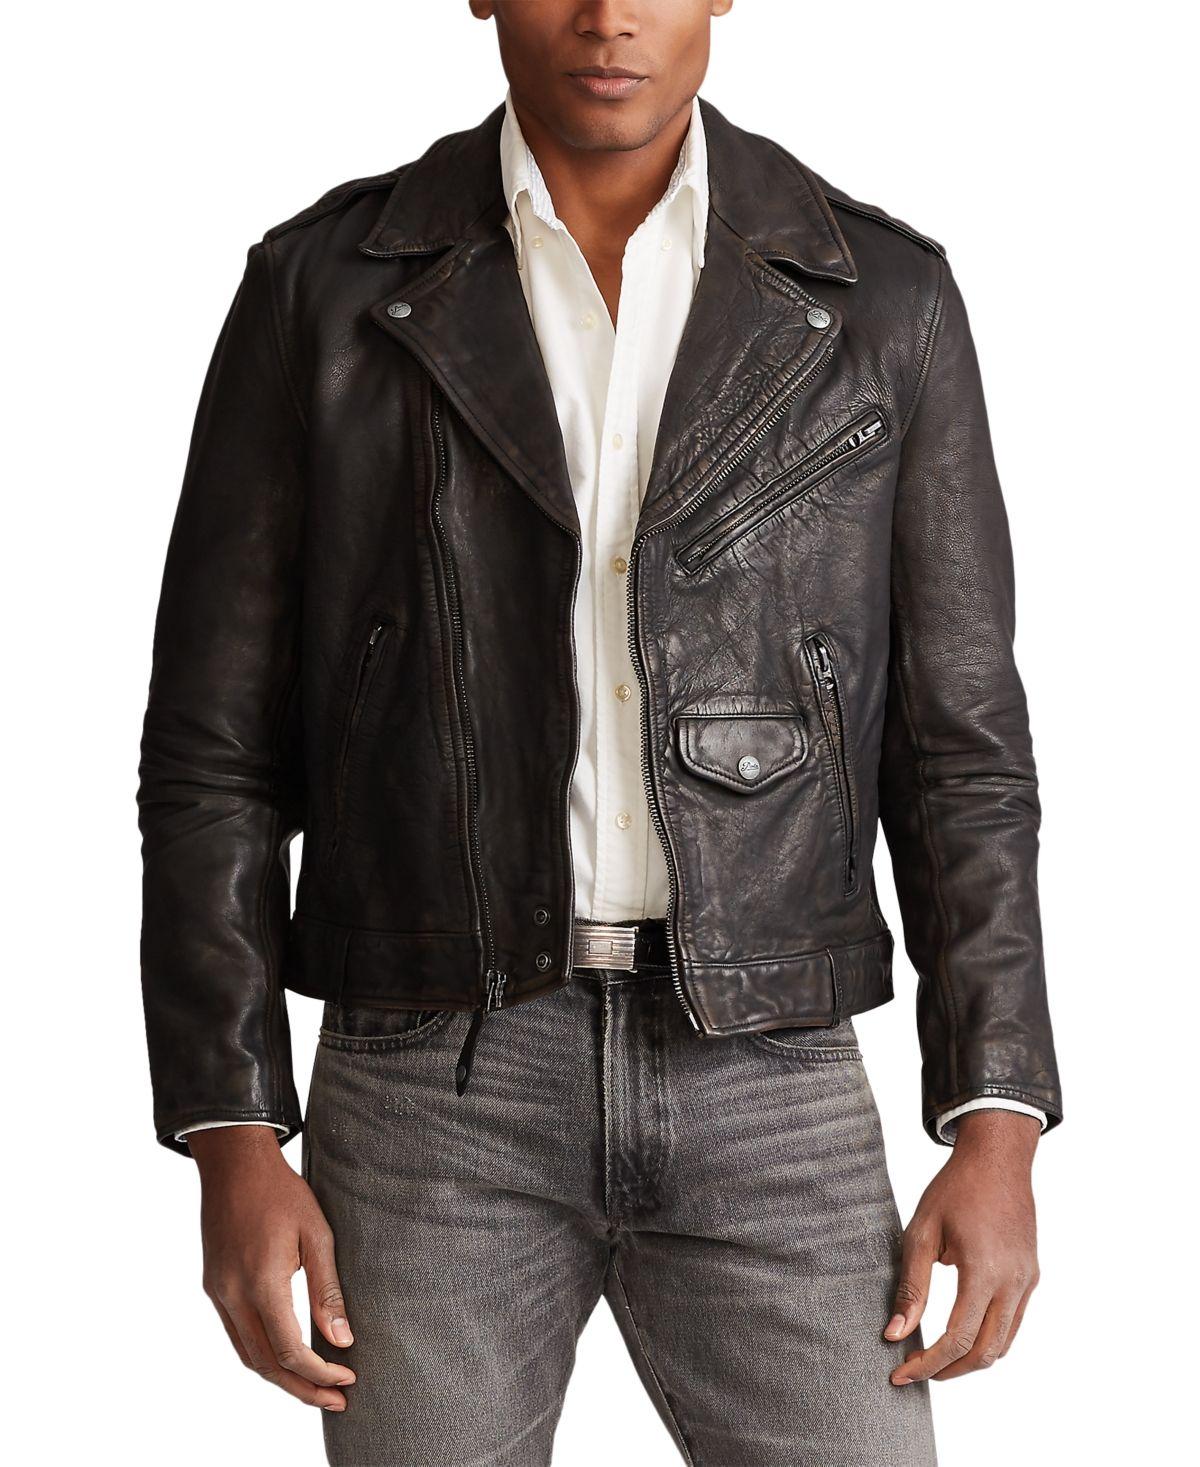 Polo Ralph Lauren Men S Leather Biker Jacket Black In 2021 Mens Leather Bomber Jacket Mens Leather Jacket Biker Leather Jacket Men [ 1467 x 1200 Pixel ]